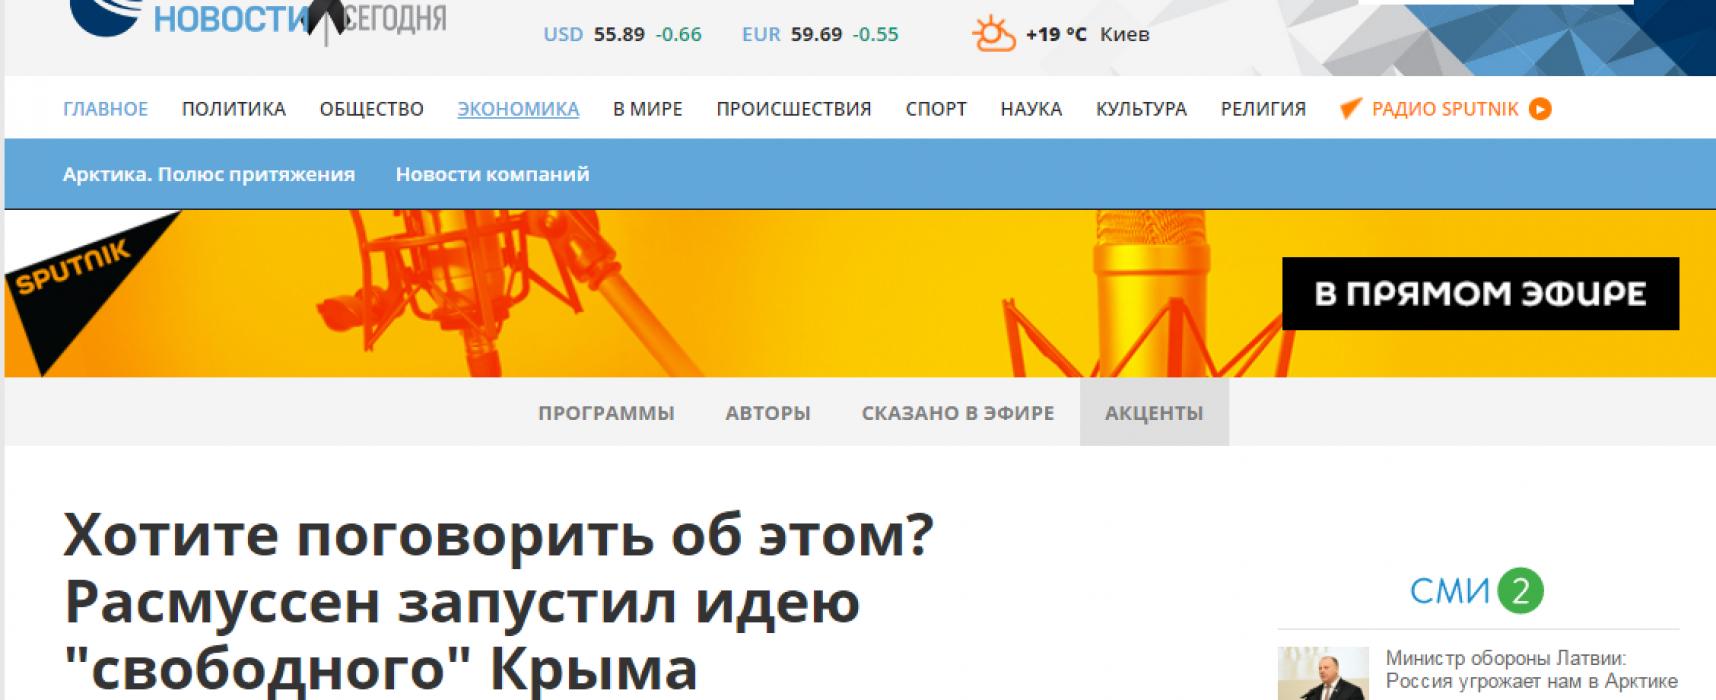 Fake: Ehemaliger NATO-Generalsekretär Rasmussen für Anerkennung des unabhängigen Kurses der Krim